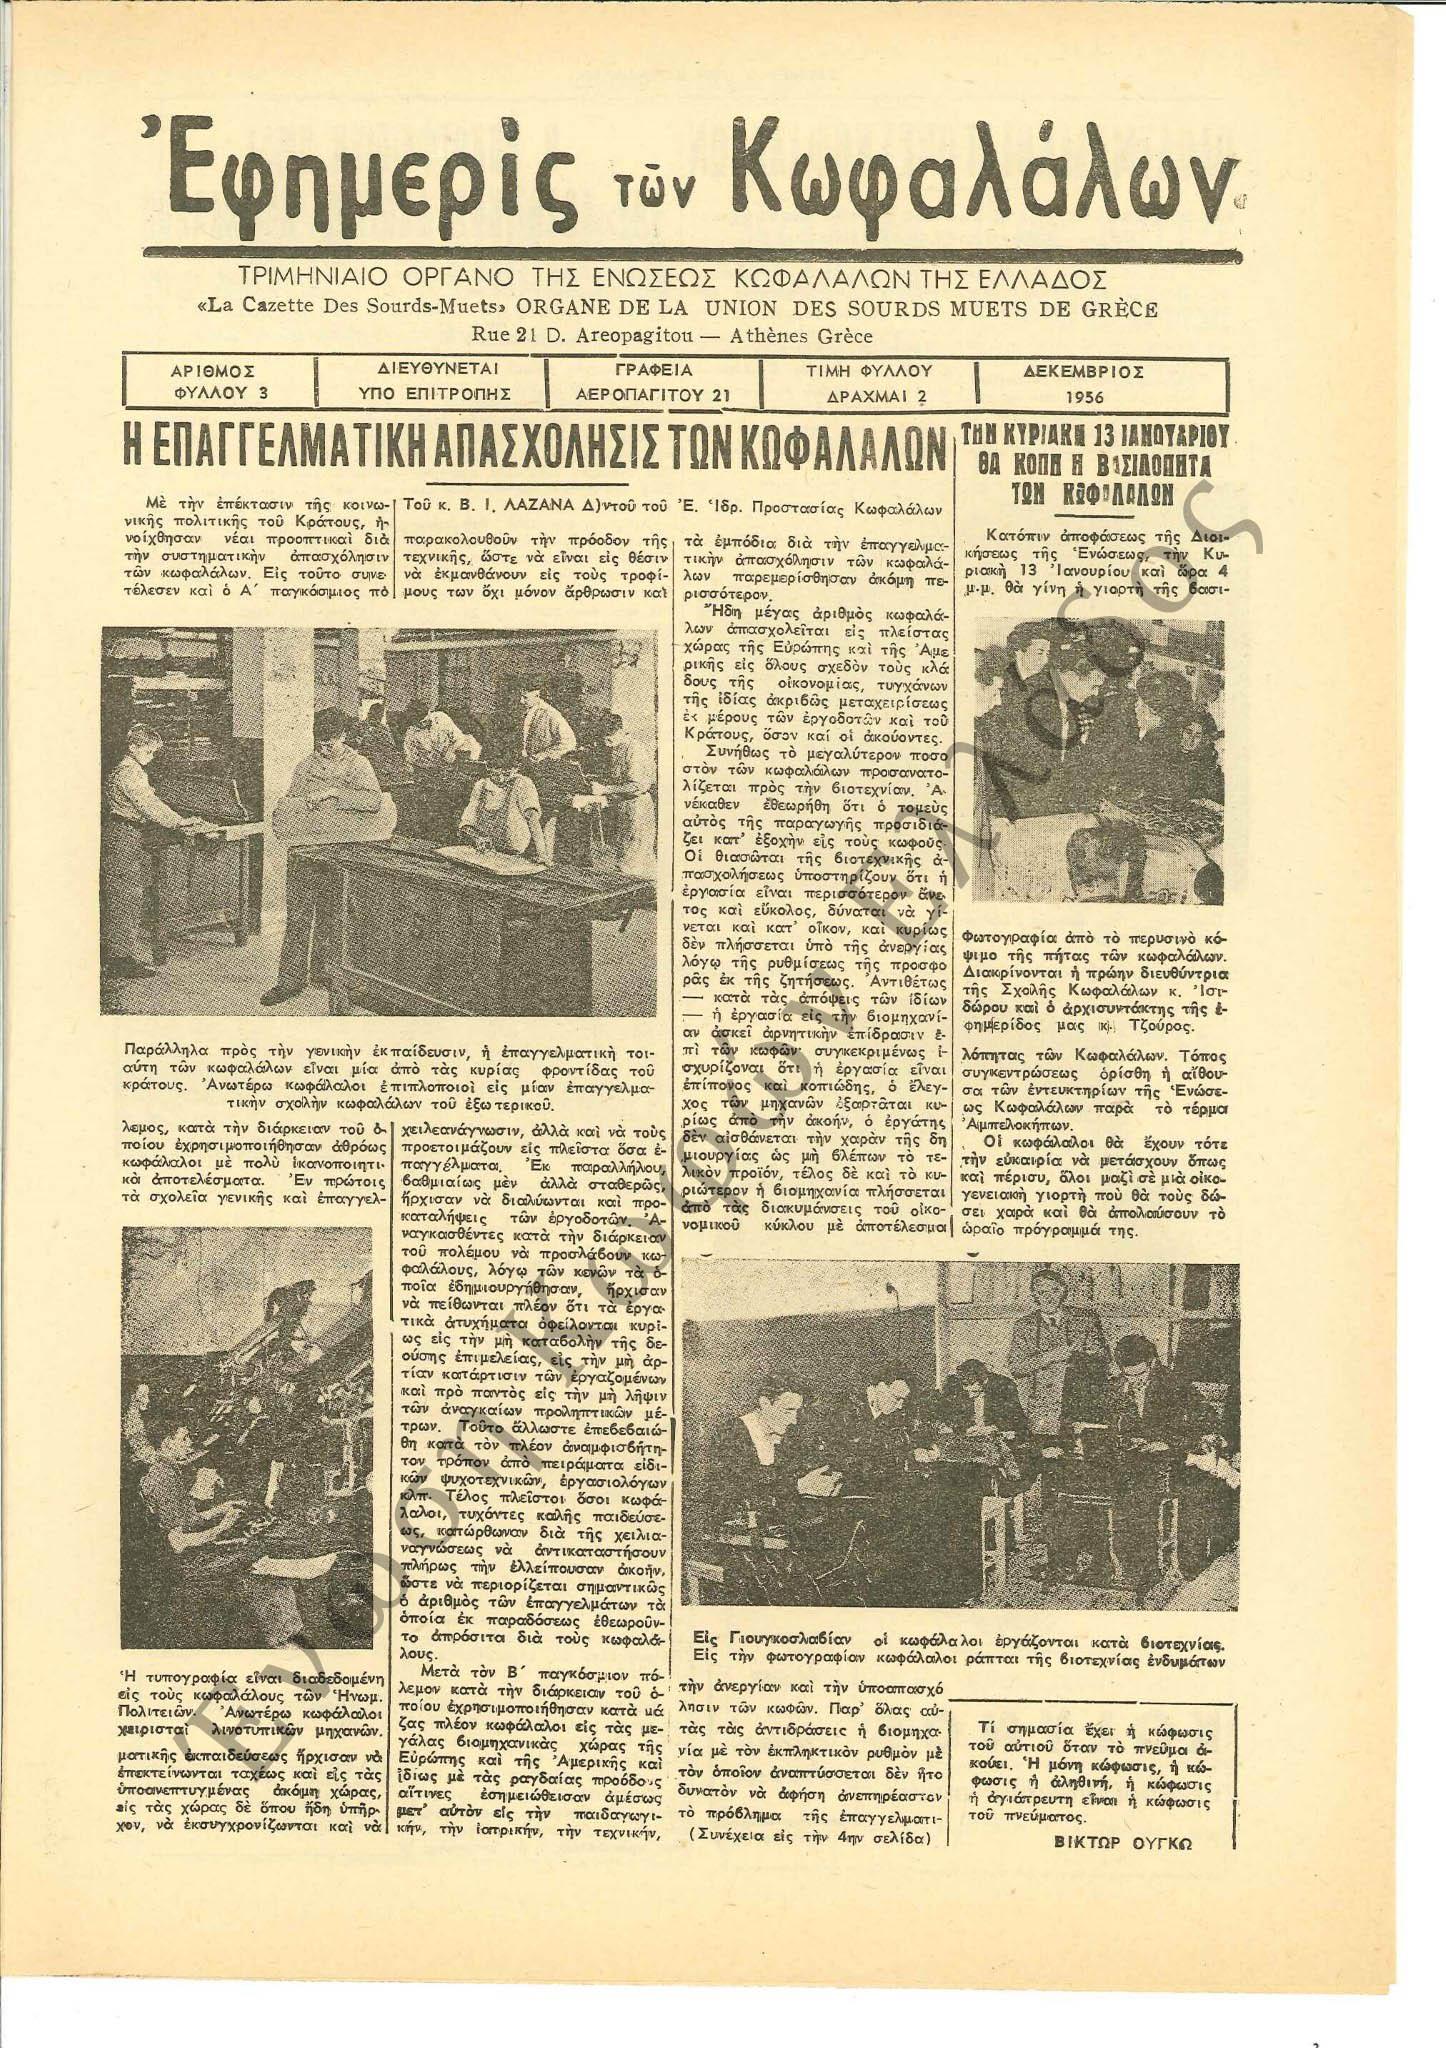 Εφημερίς των Κωφαλάλων 1956-Δεκέμβριος 4